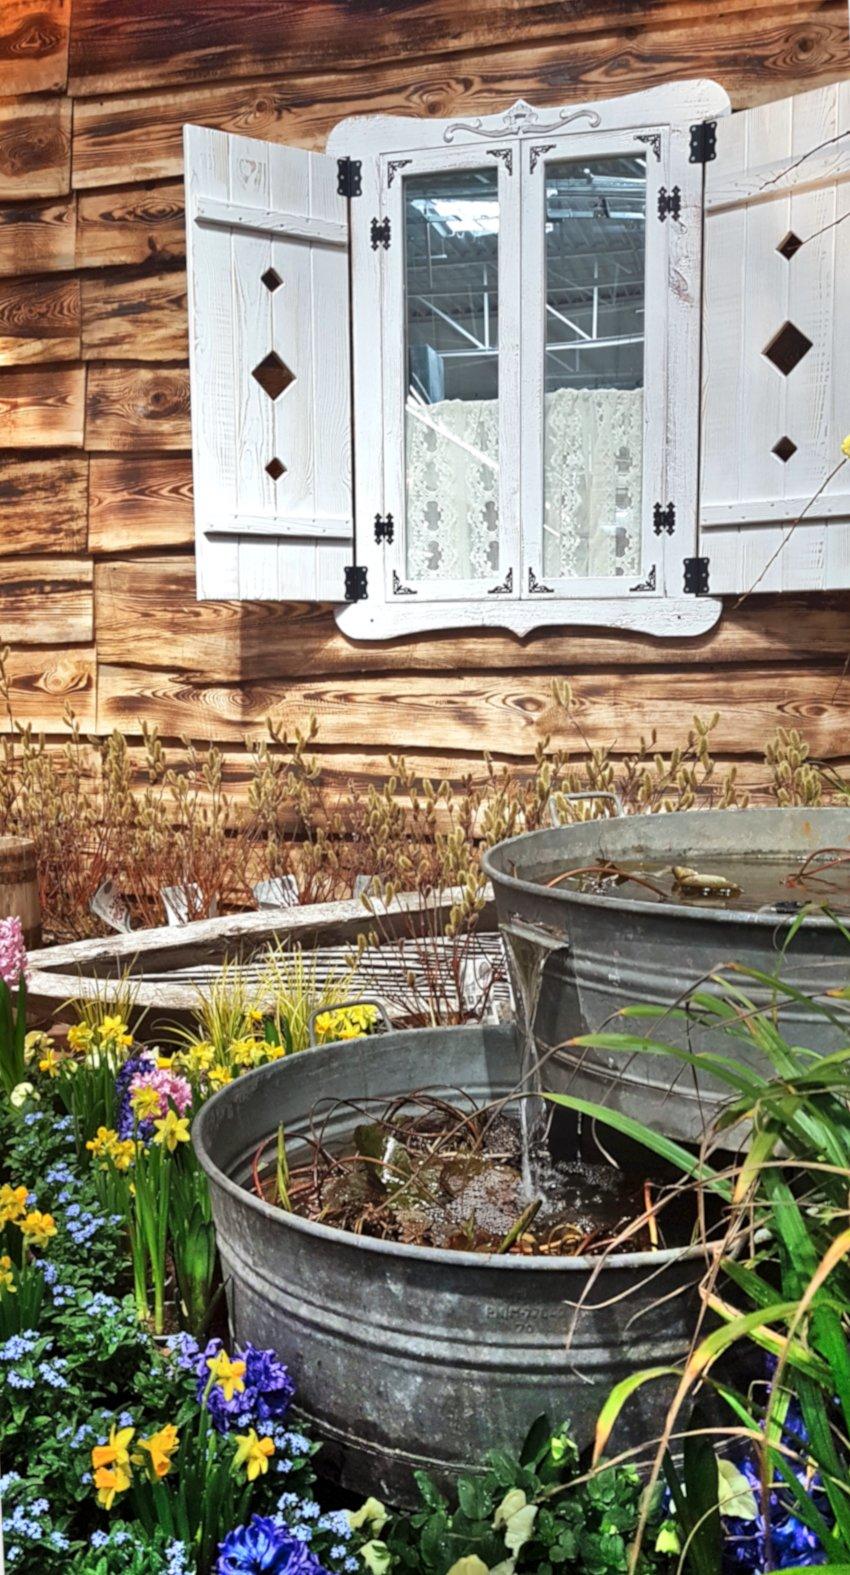 Targi Green Days, wystawa ogrodnicza, metalowe wanny, metalowa balia, źródełko ogrodowe, kolorowe kwiatki, żonkile, niezapominajki, w tle wiejska chata z białymi okiennicami